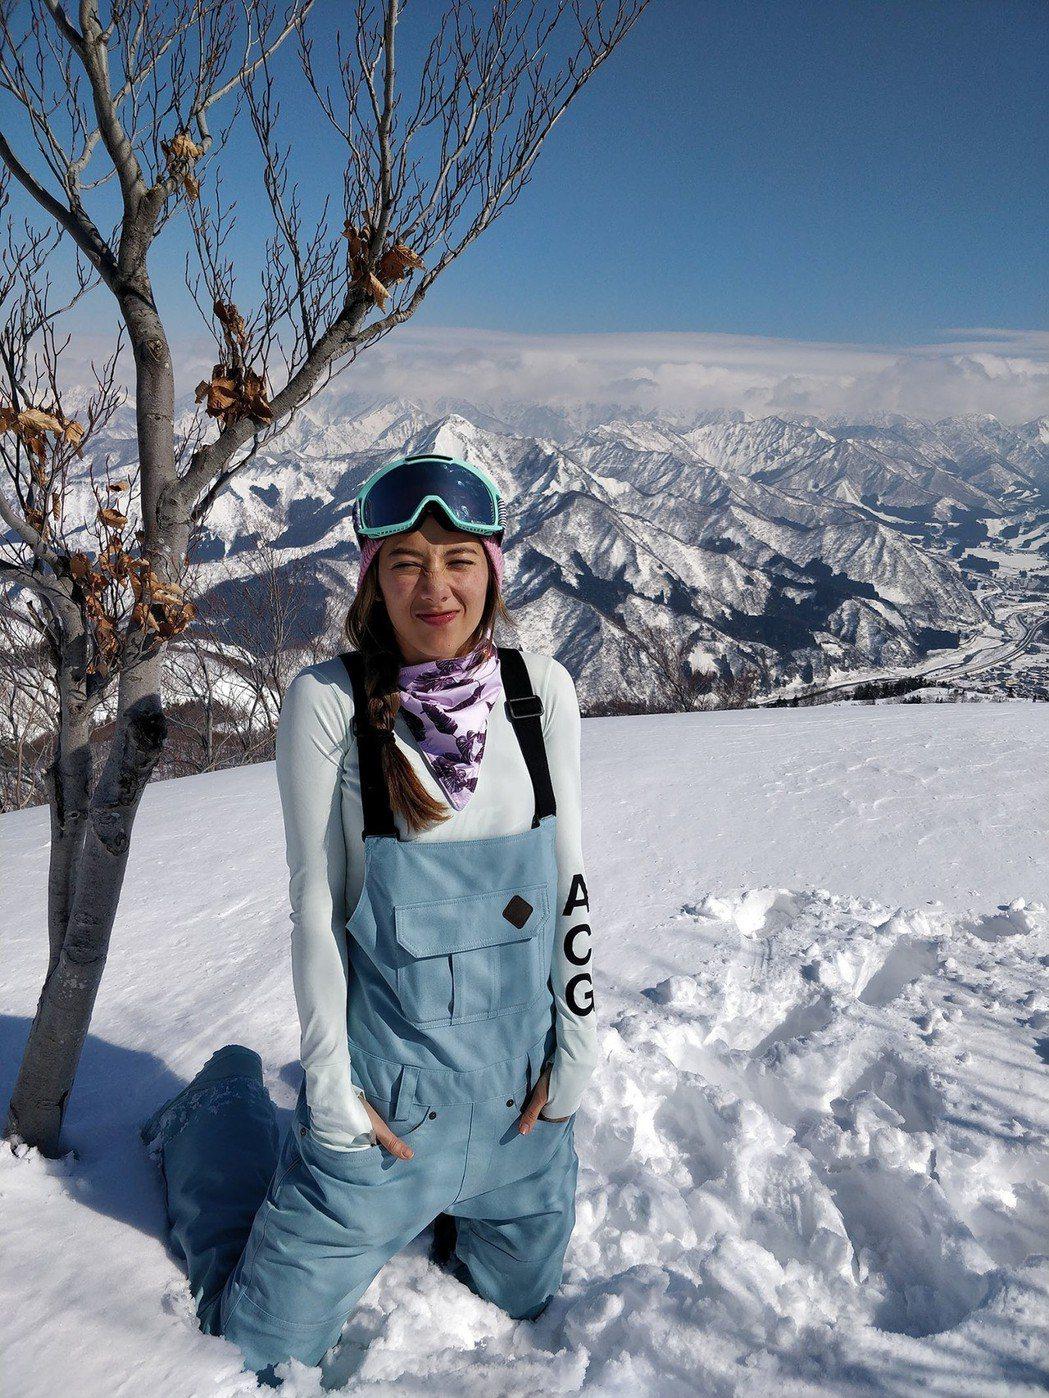 瑞瑪席丹日前告假赴日滑雪。圖/愛貝克思提供